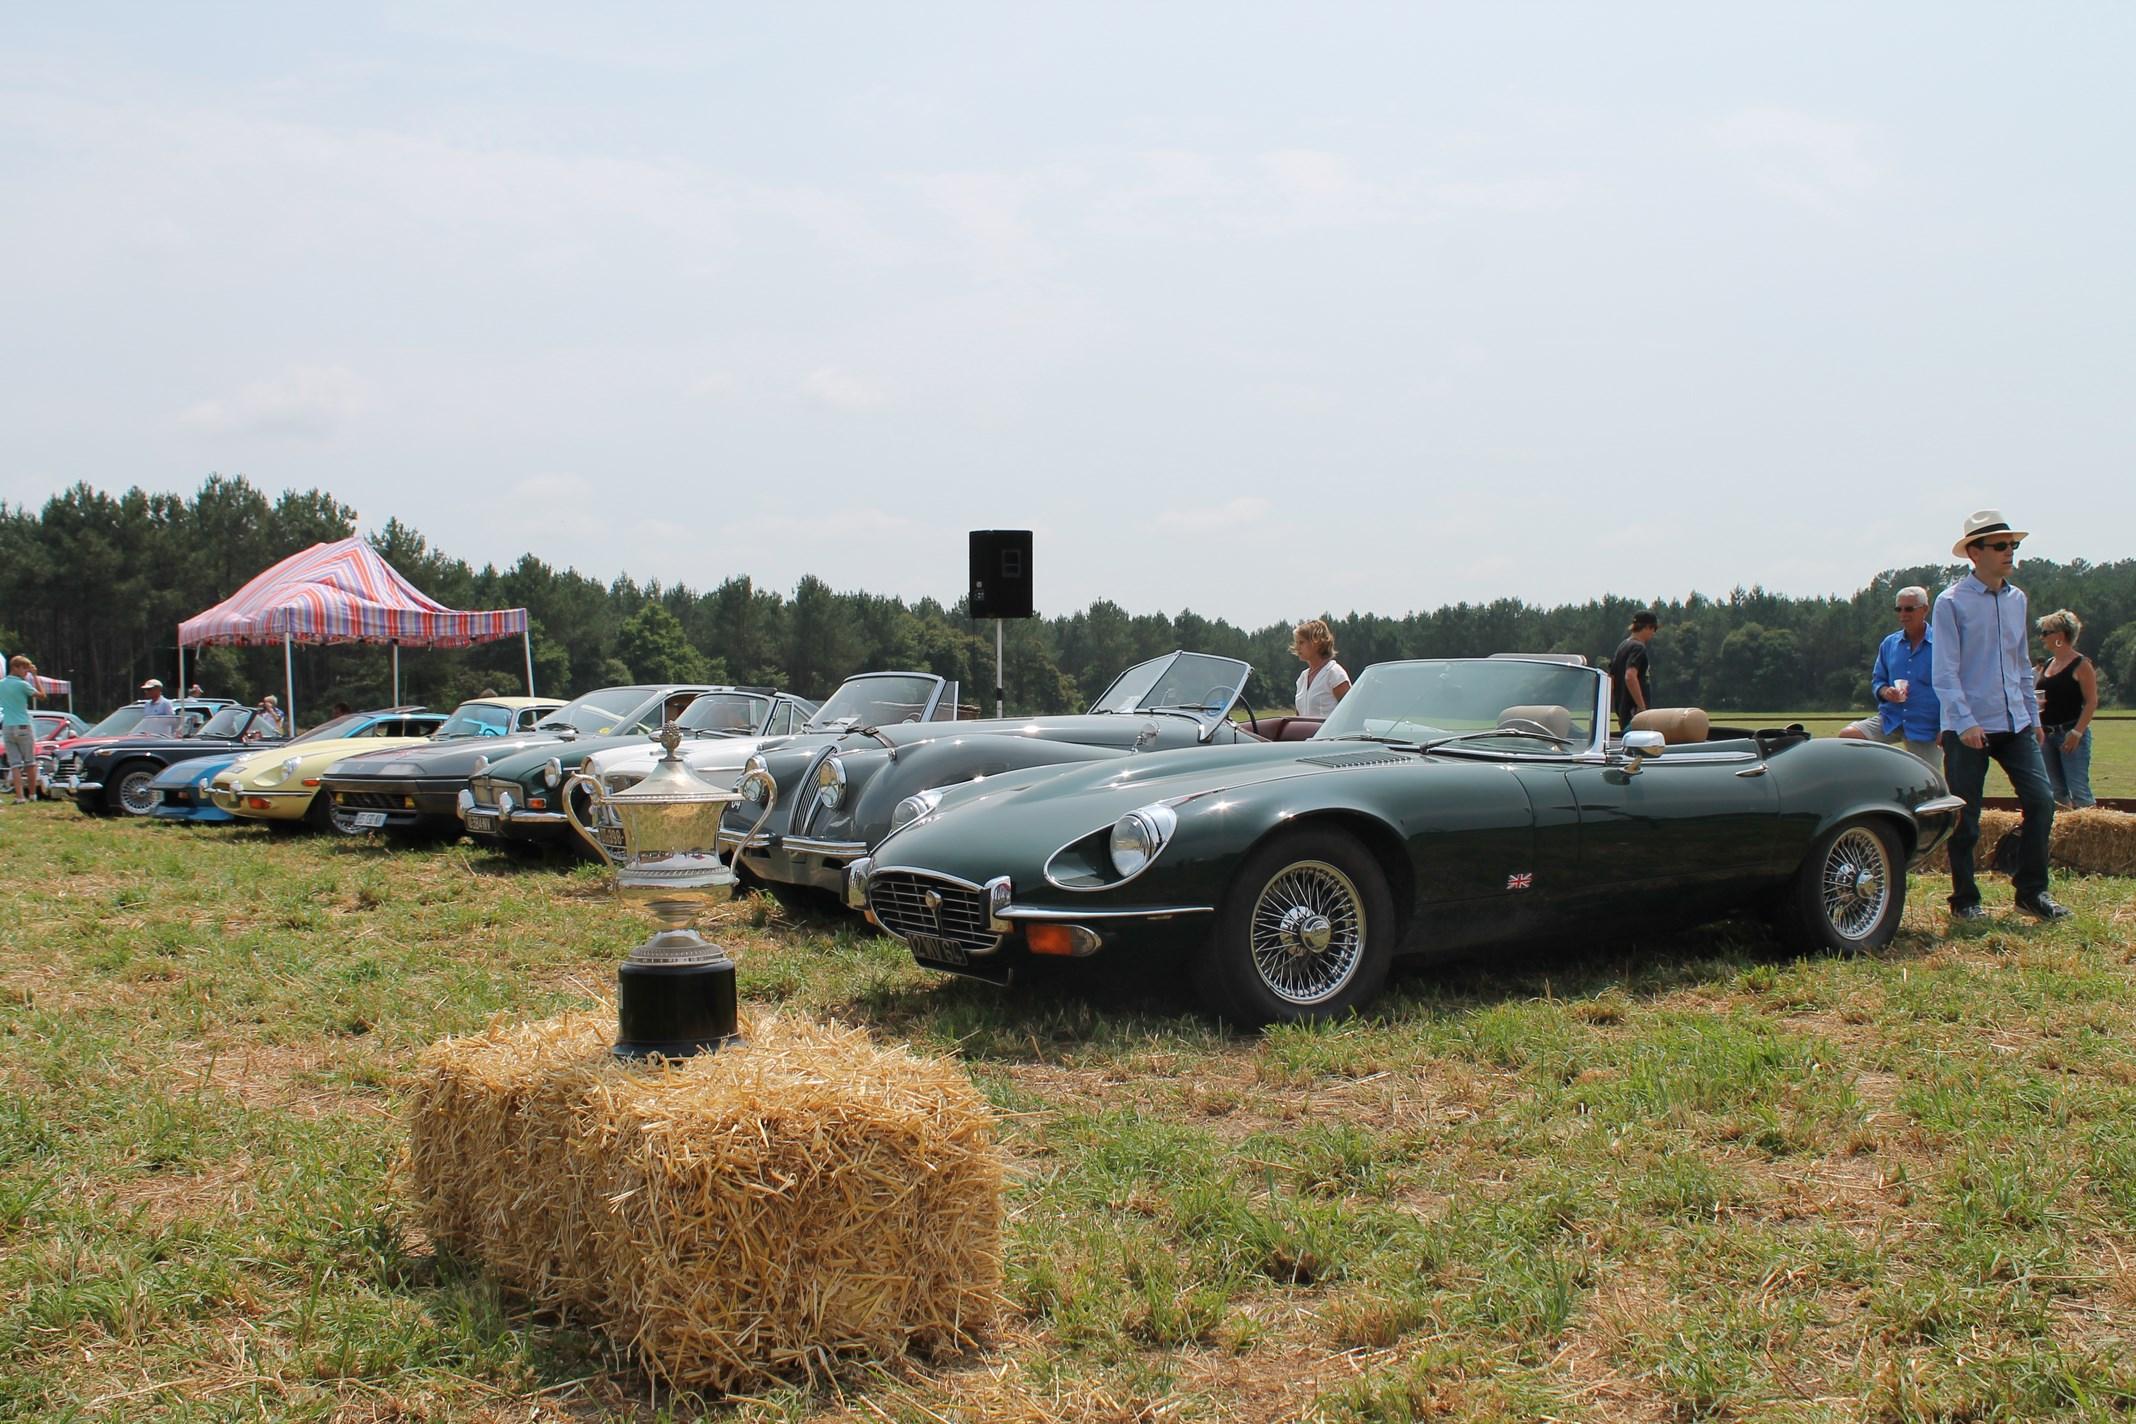 La coupe Miramar devant les véhicules de collection (Crédit: Yanik)